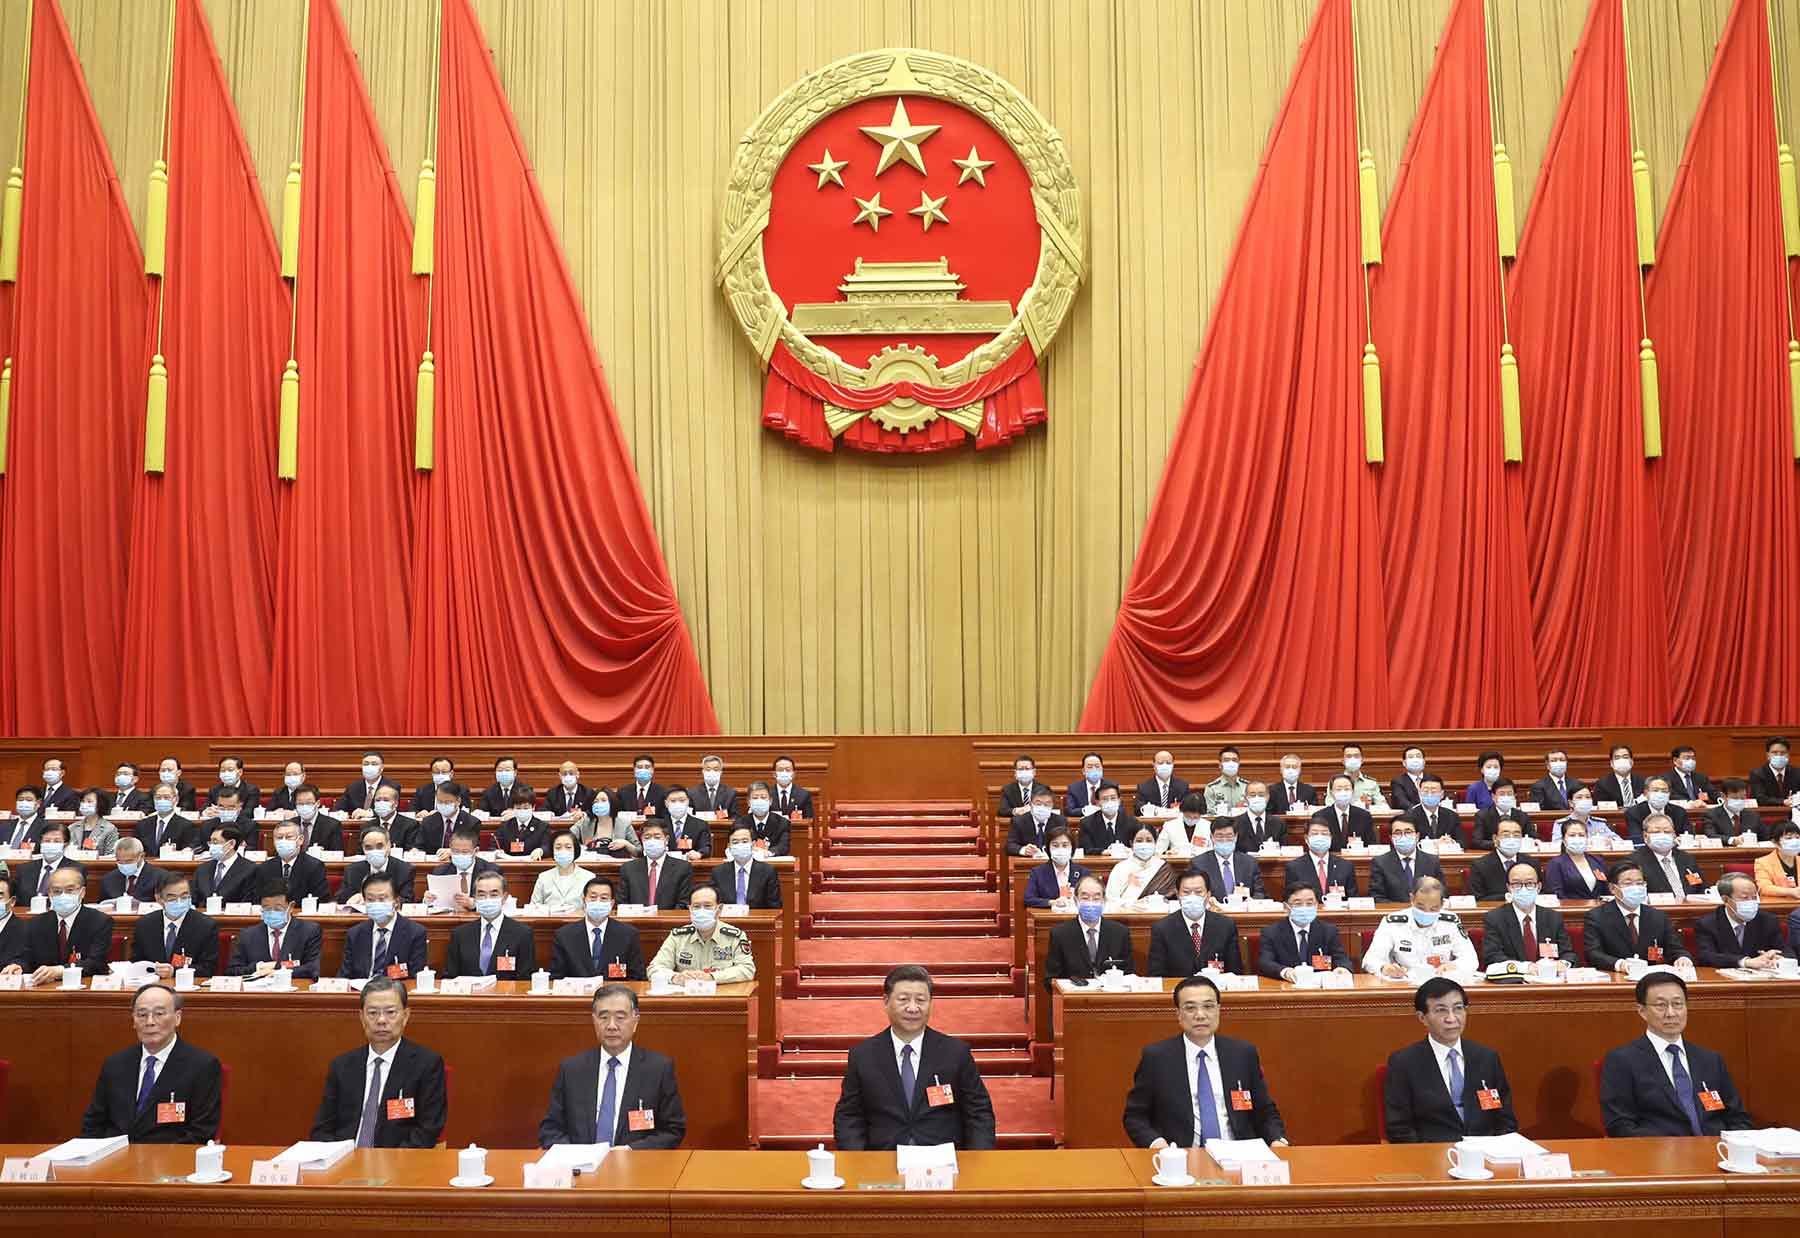 十三届全国人大三次会议在北京开幕。新华社记者 鞠鹏 摄